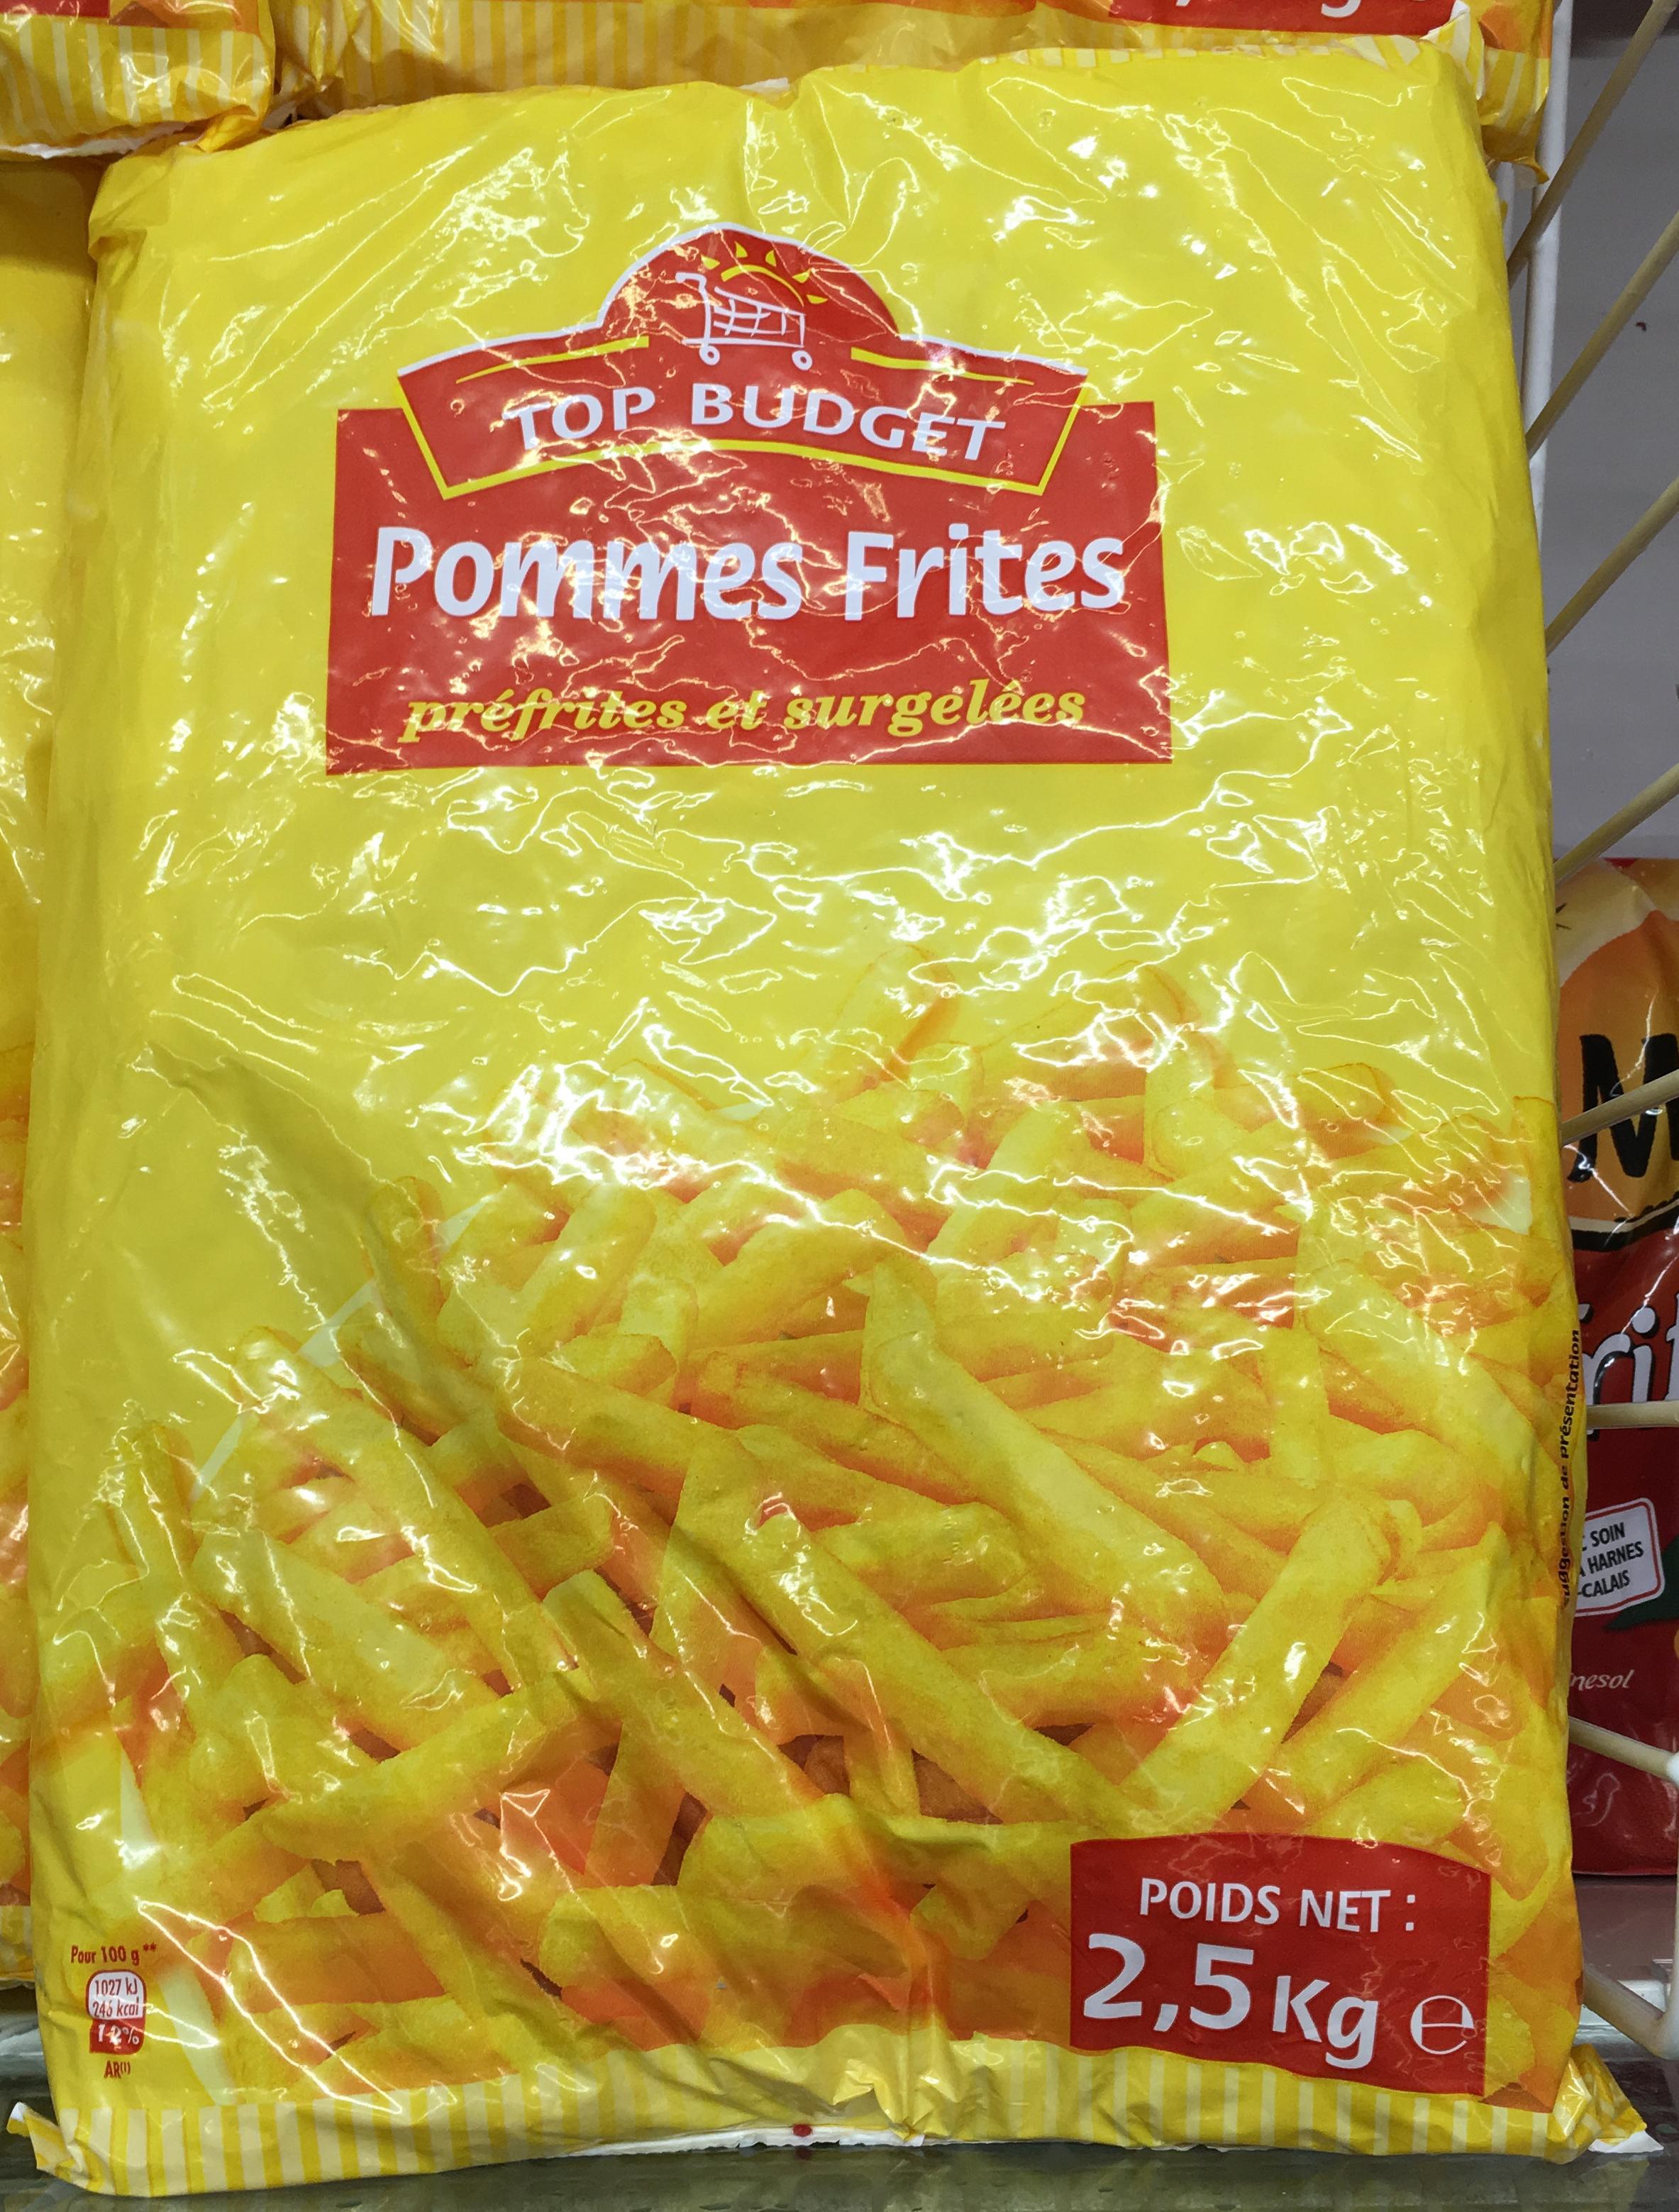 Pommes Frites préfrites et surgelées - Produit - fr